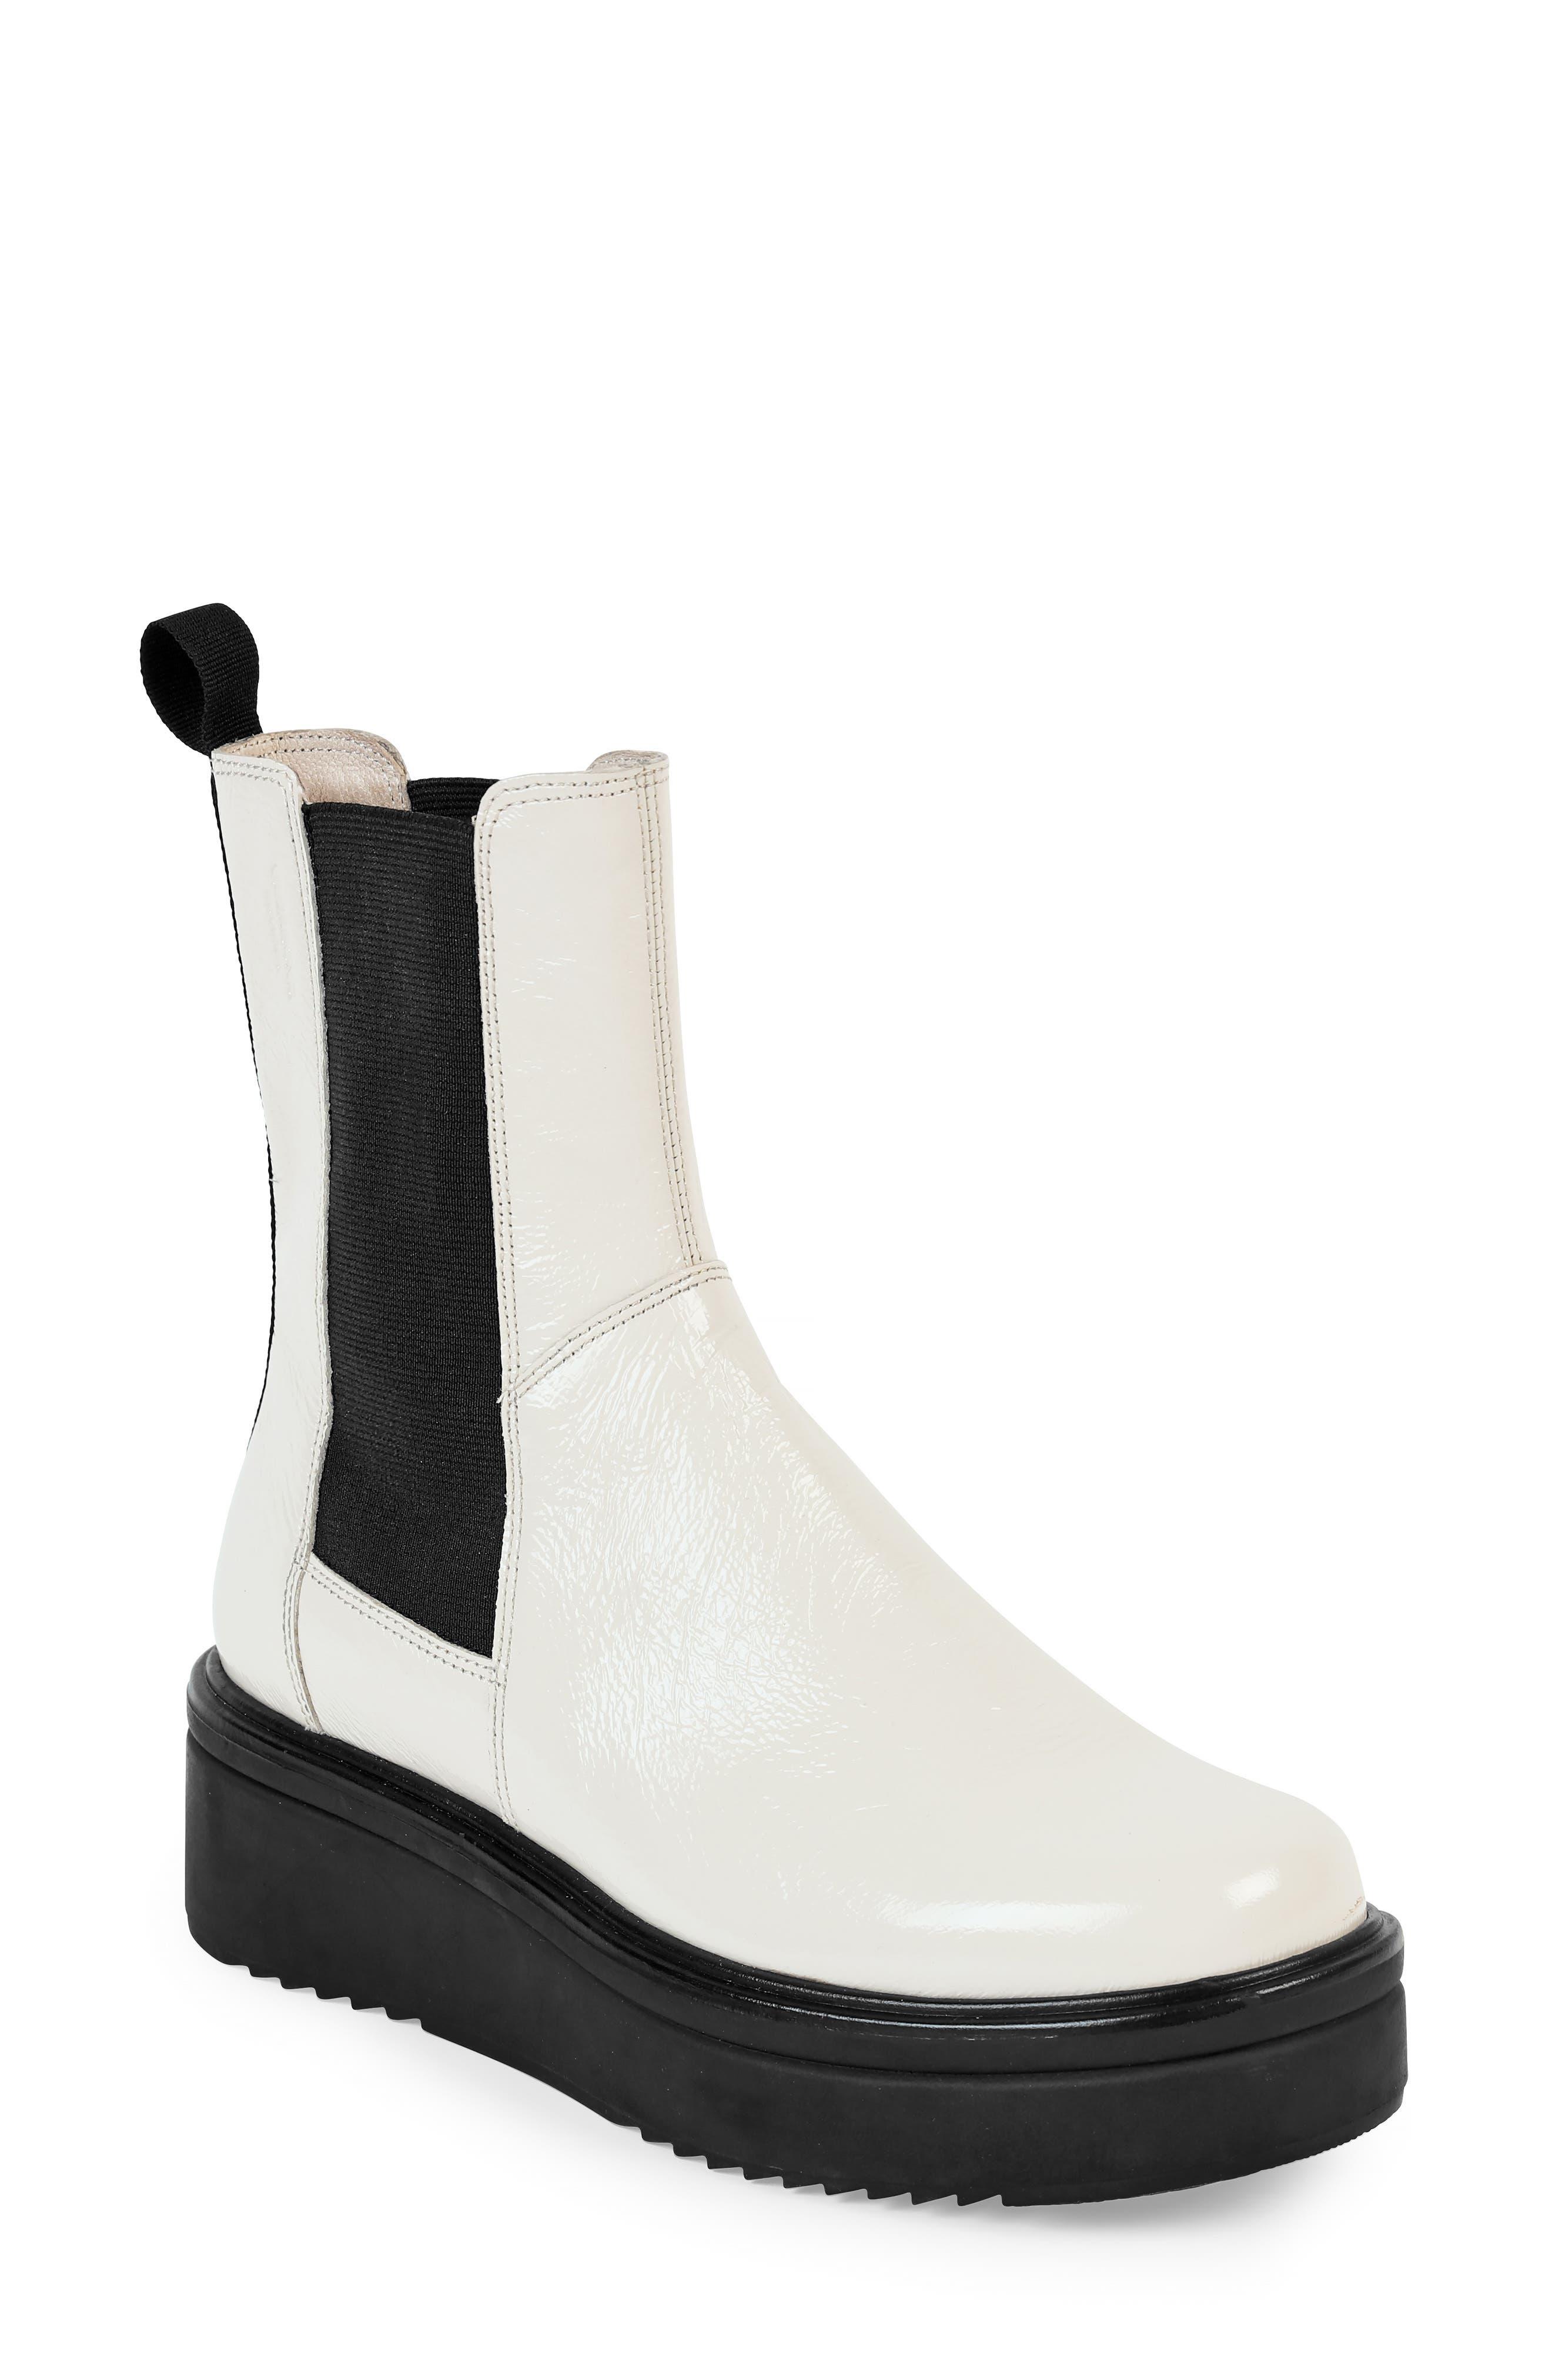 Women's Vagabond Shoemakers Shoes